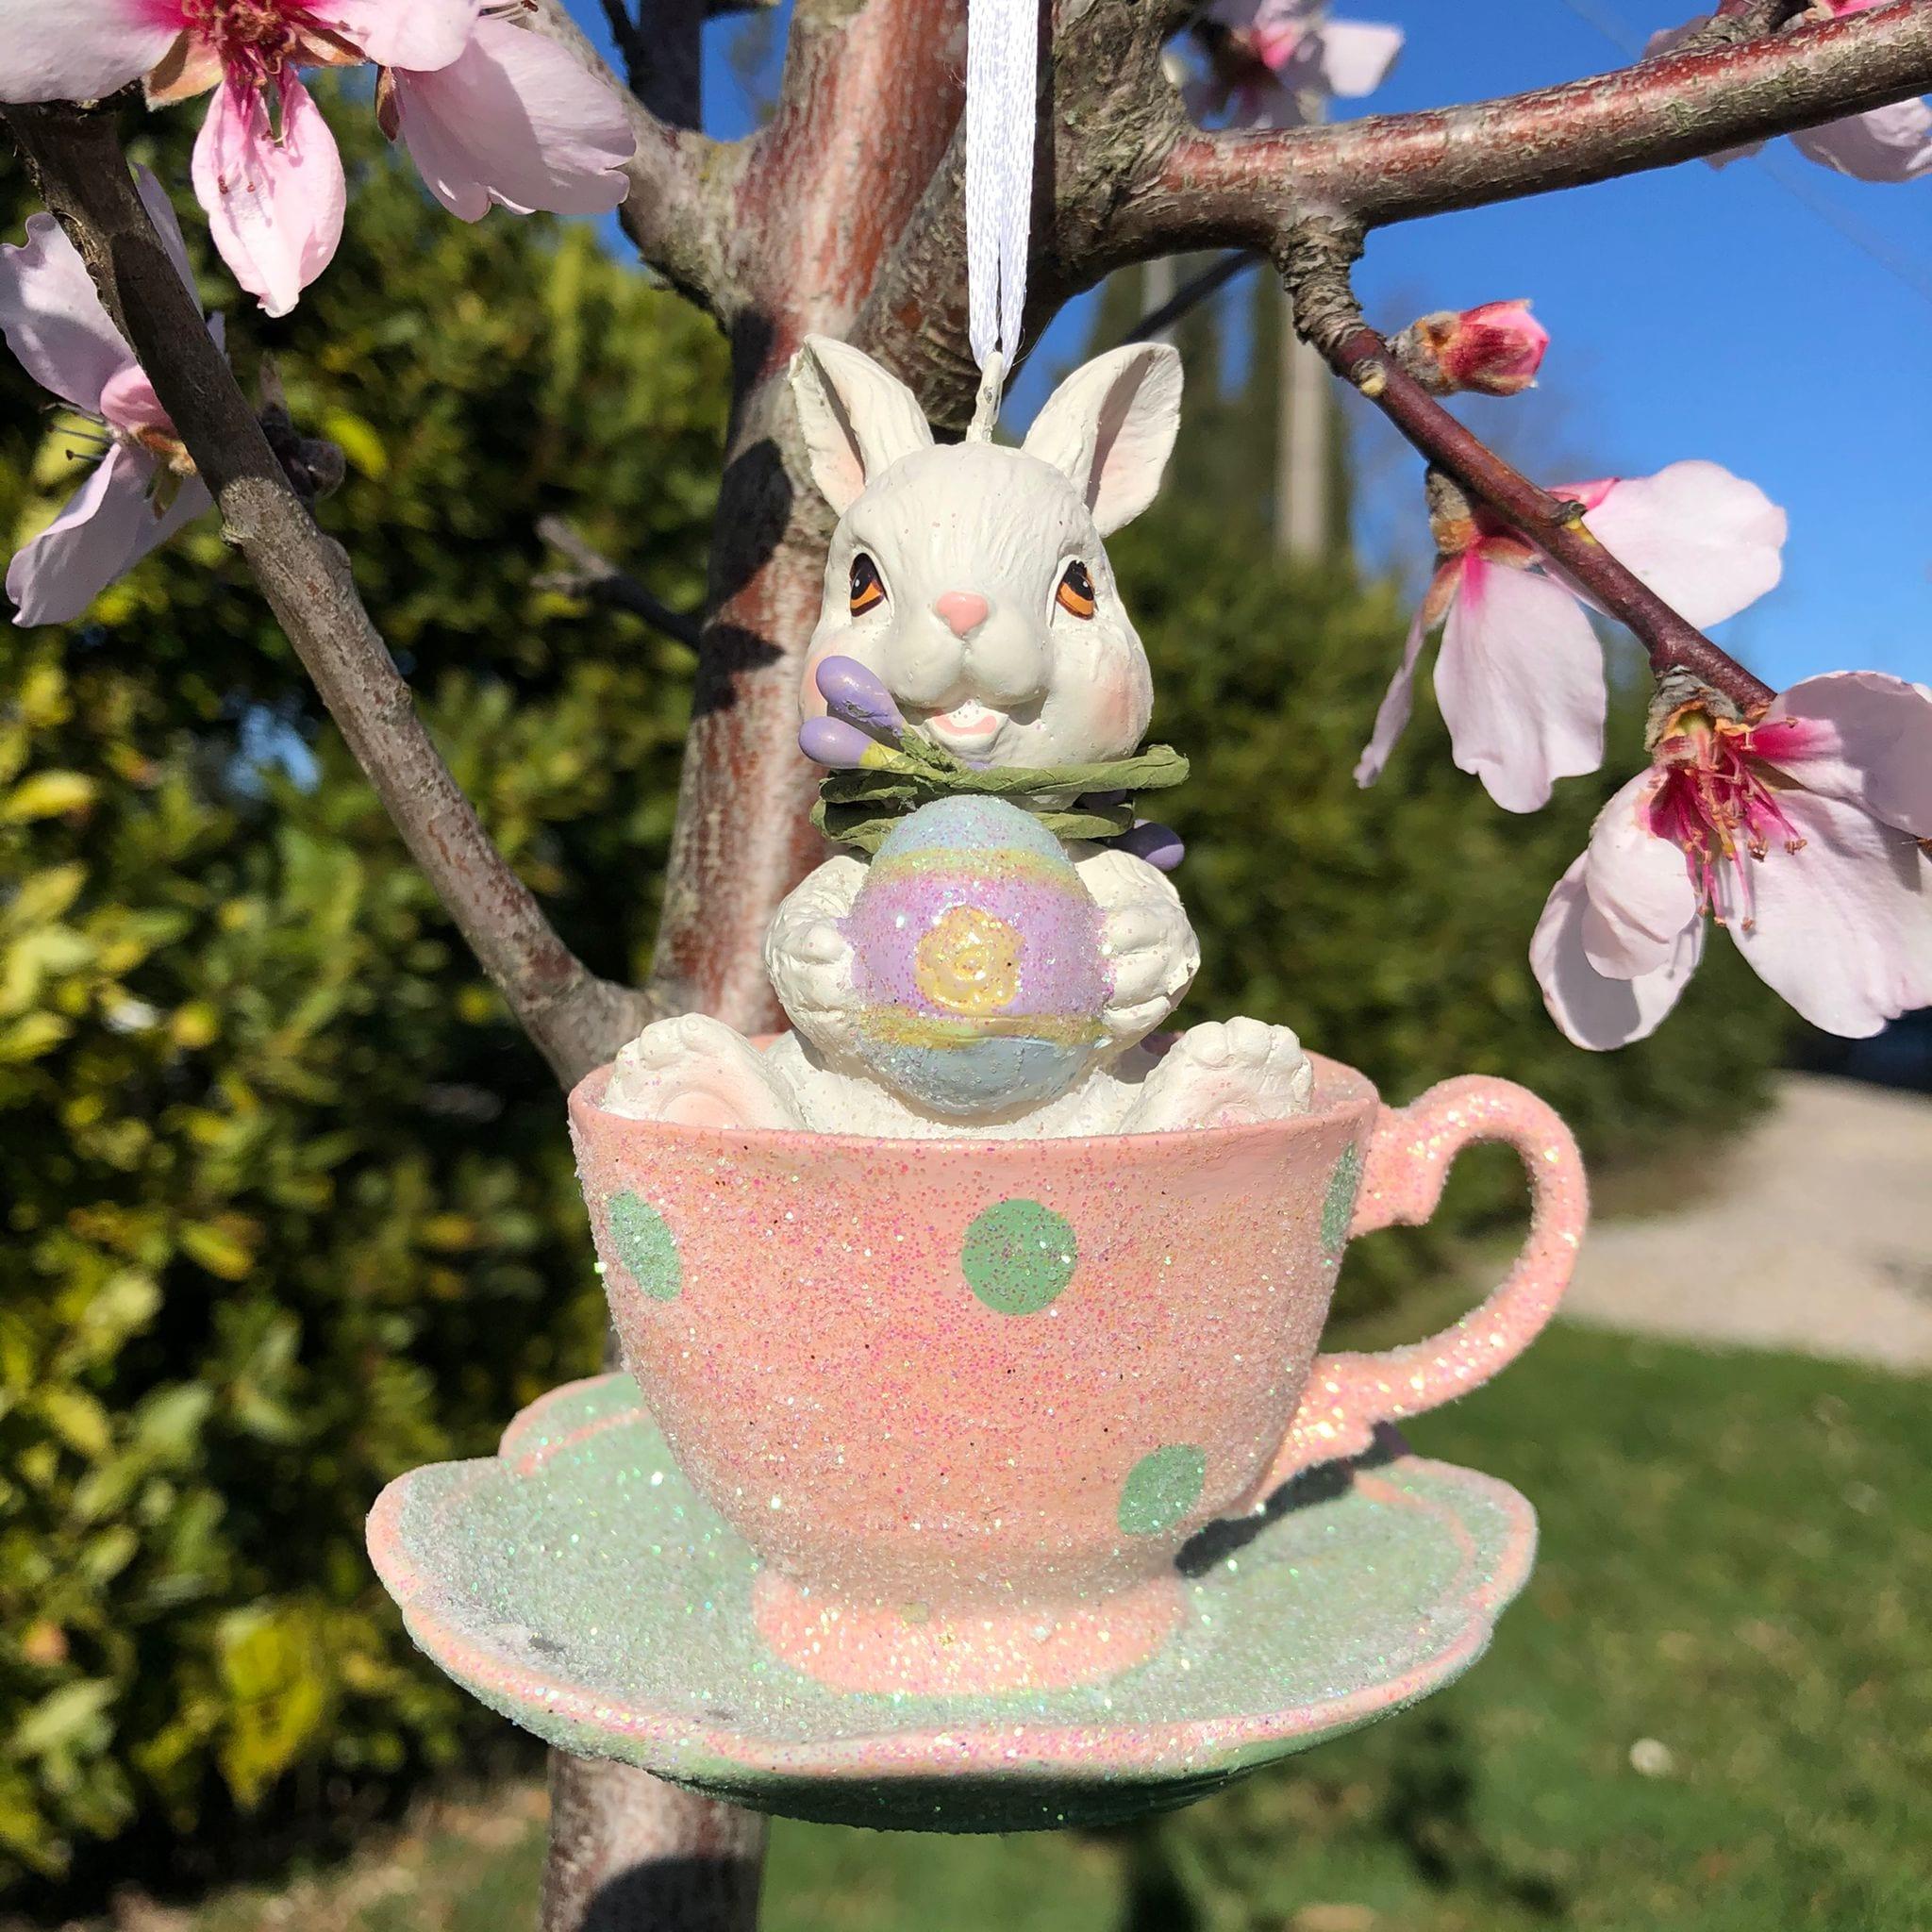 Decorazione con coniglietto in tazza rosa e verde